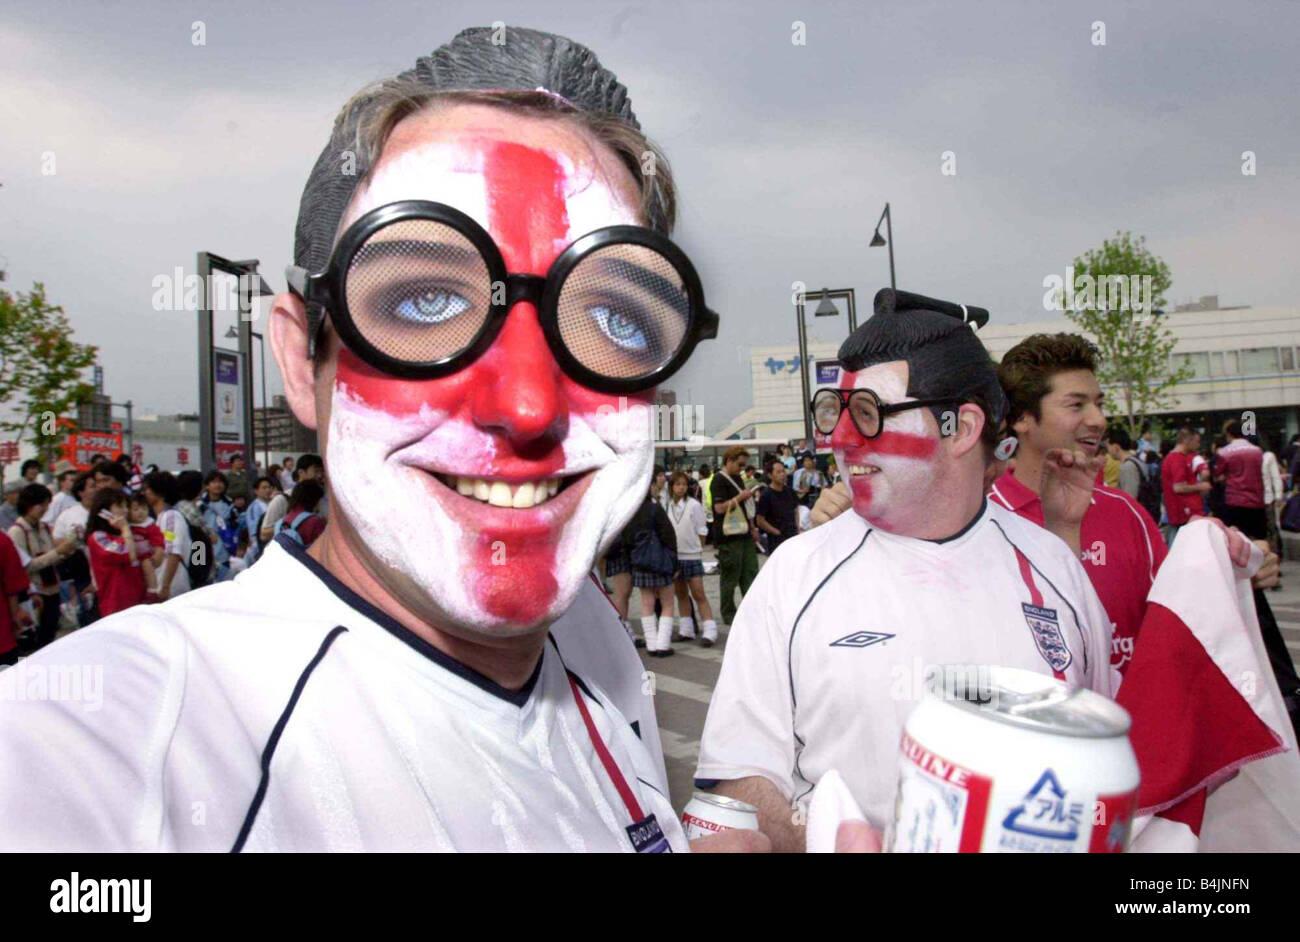 England Football Fans sostenitori Giugno 2002 Foto di celebrare dopo la vittoria contro l'Argentina Inghilterra Immagini Stock